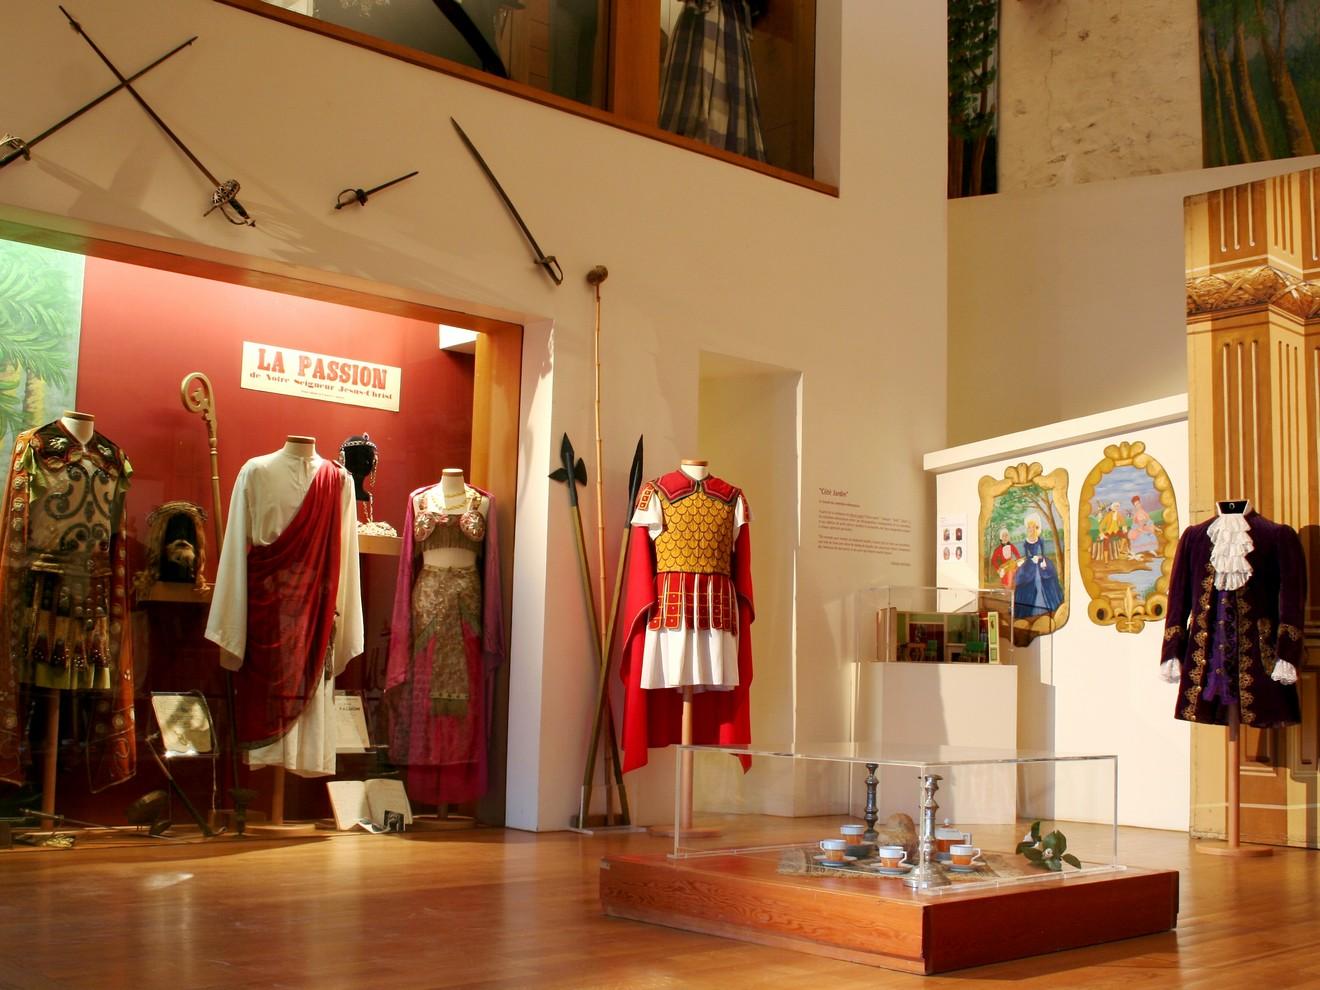 musée du théâtre forain artenay